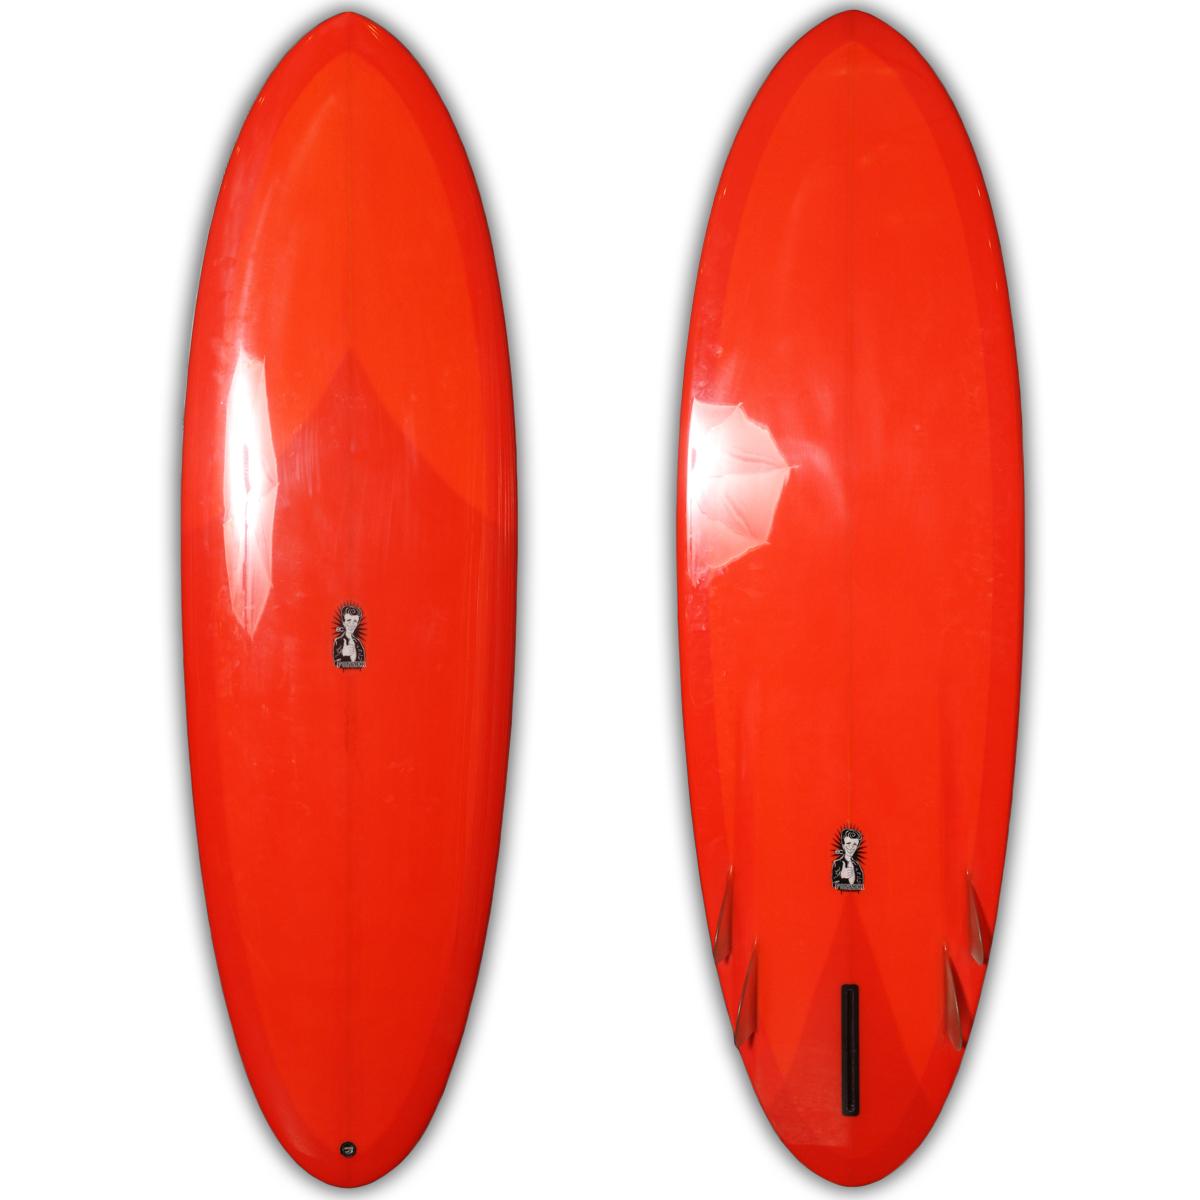 【EC SURFBOARDS】 即納可能な千葉ストックボードも入荷しています!